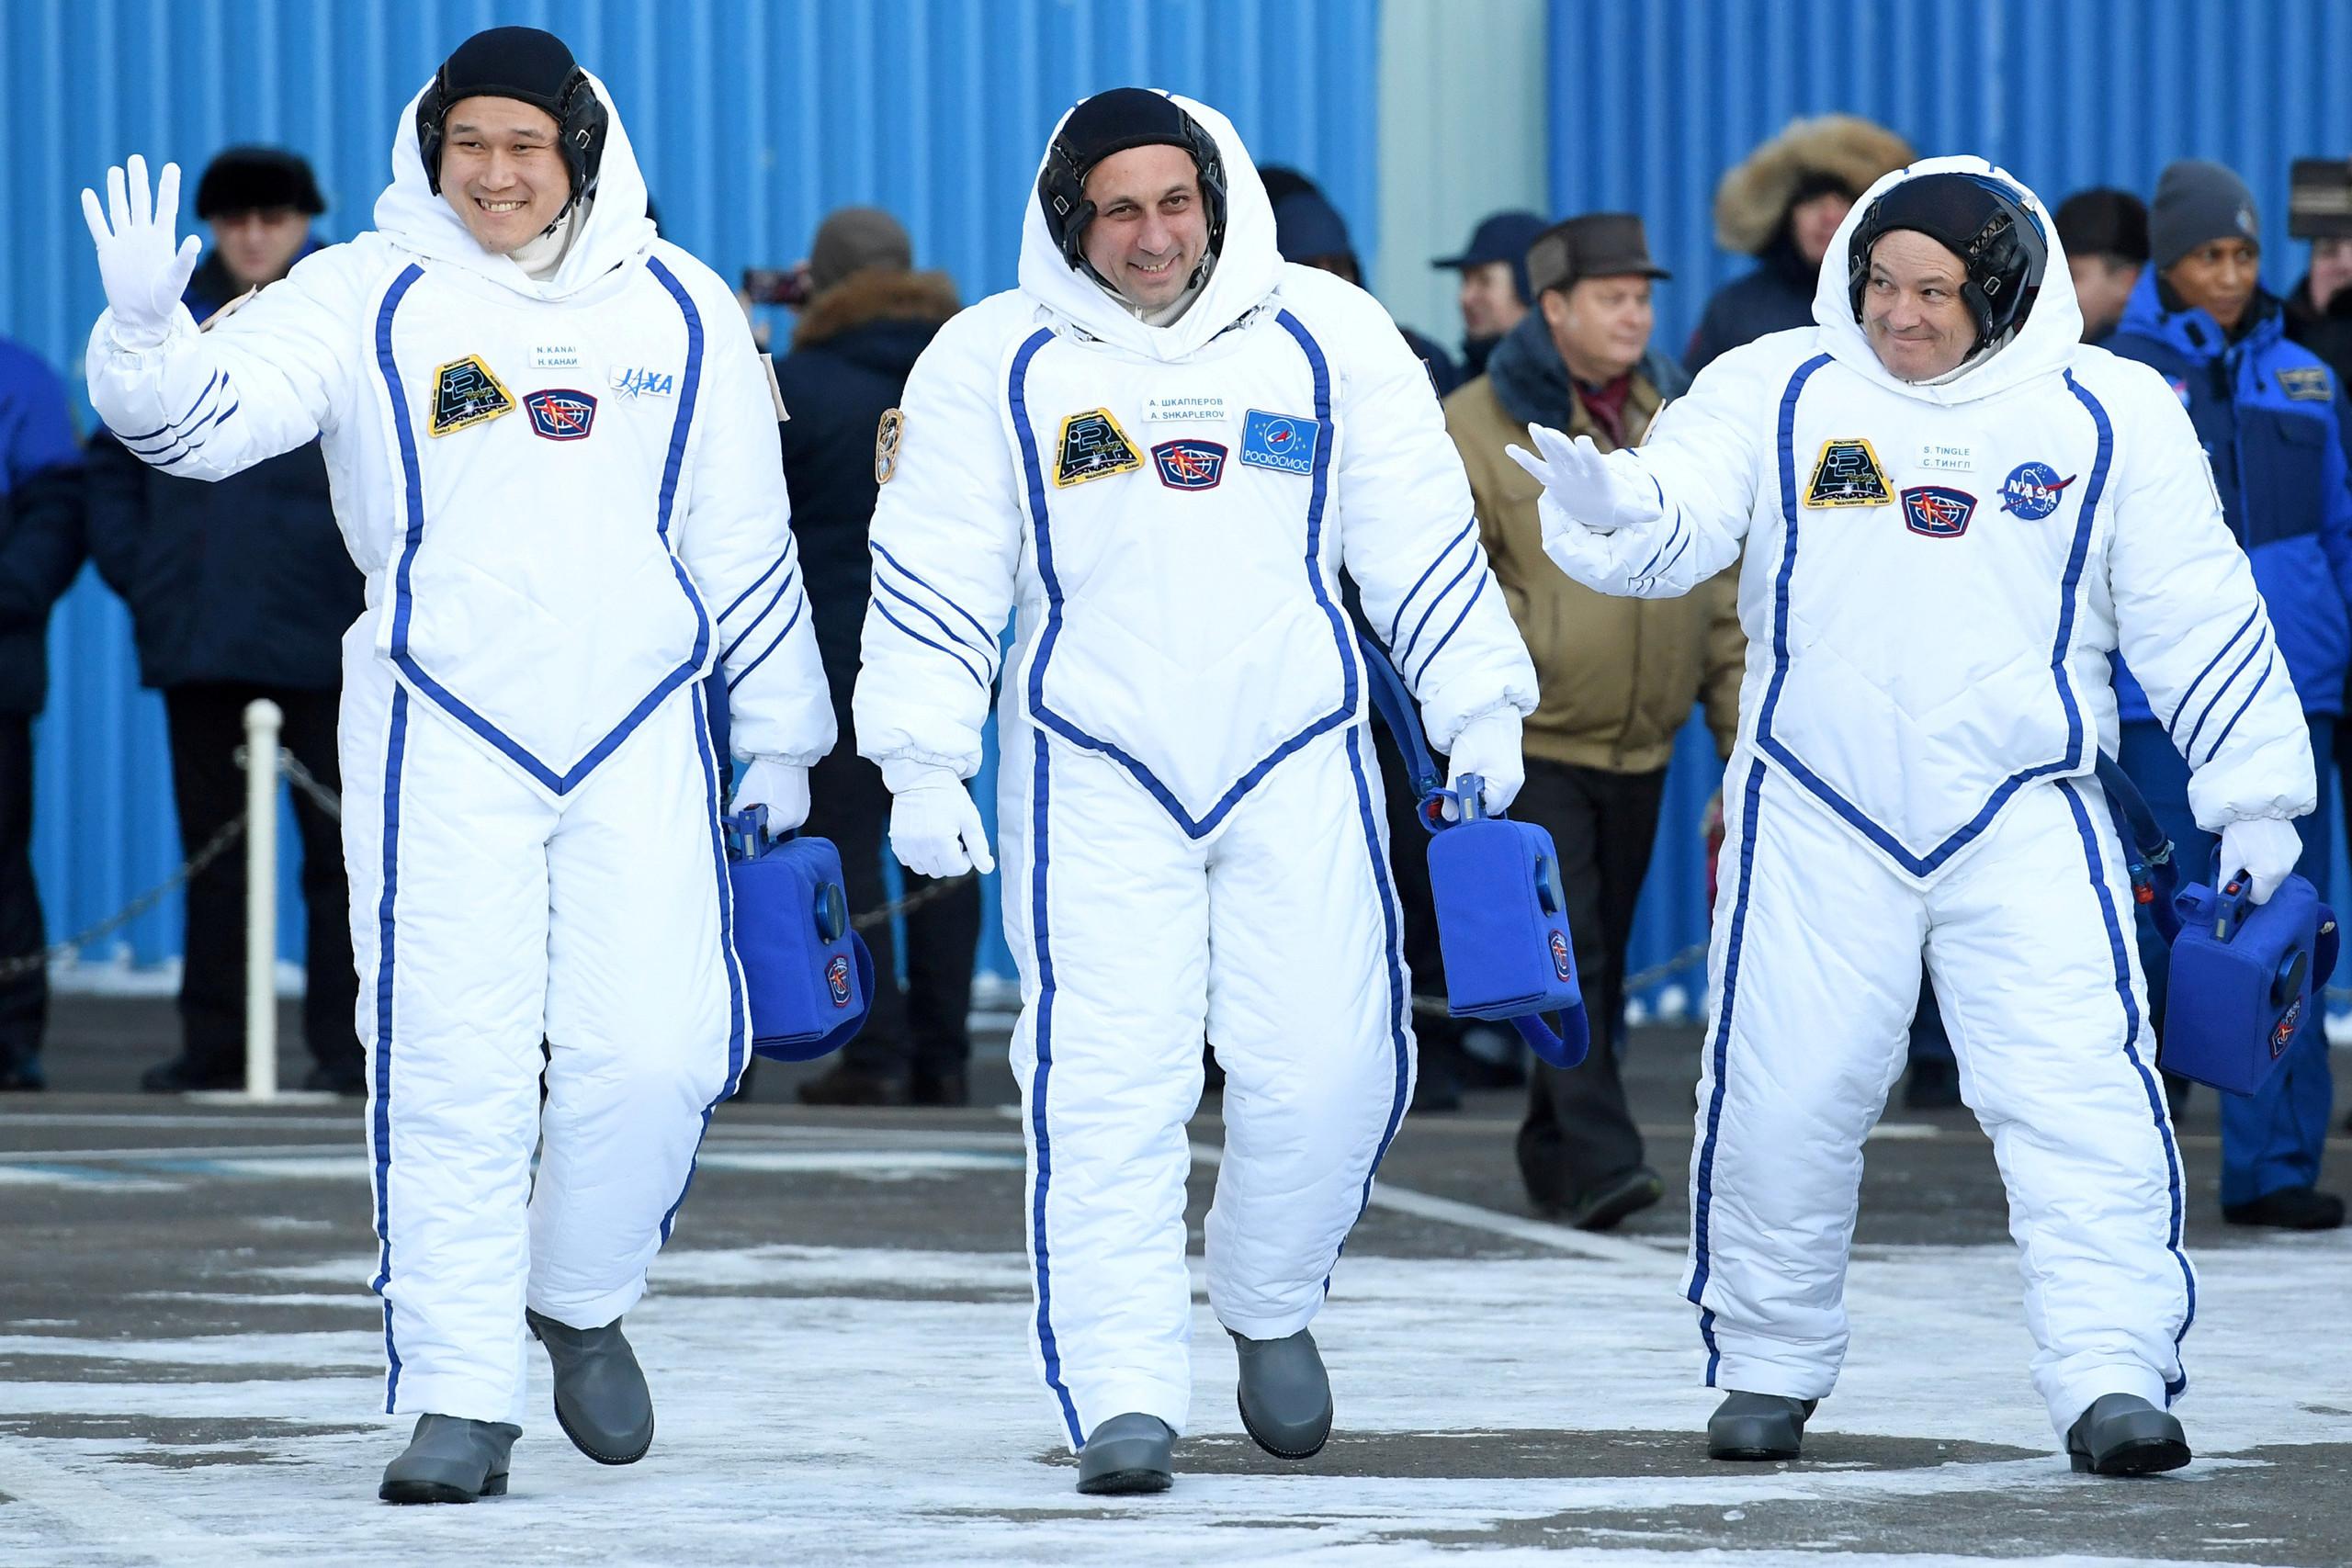 طول البشر يزيد في الفضاء!